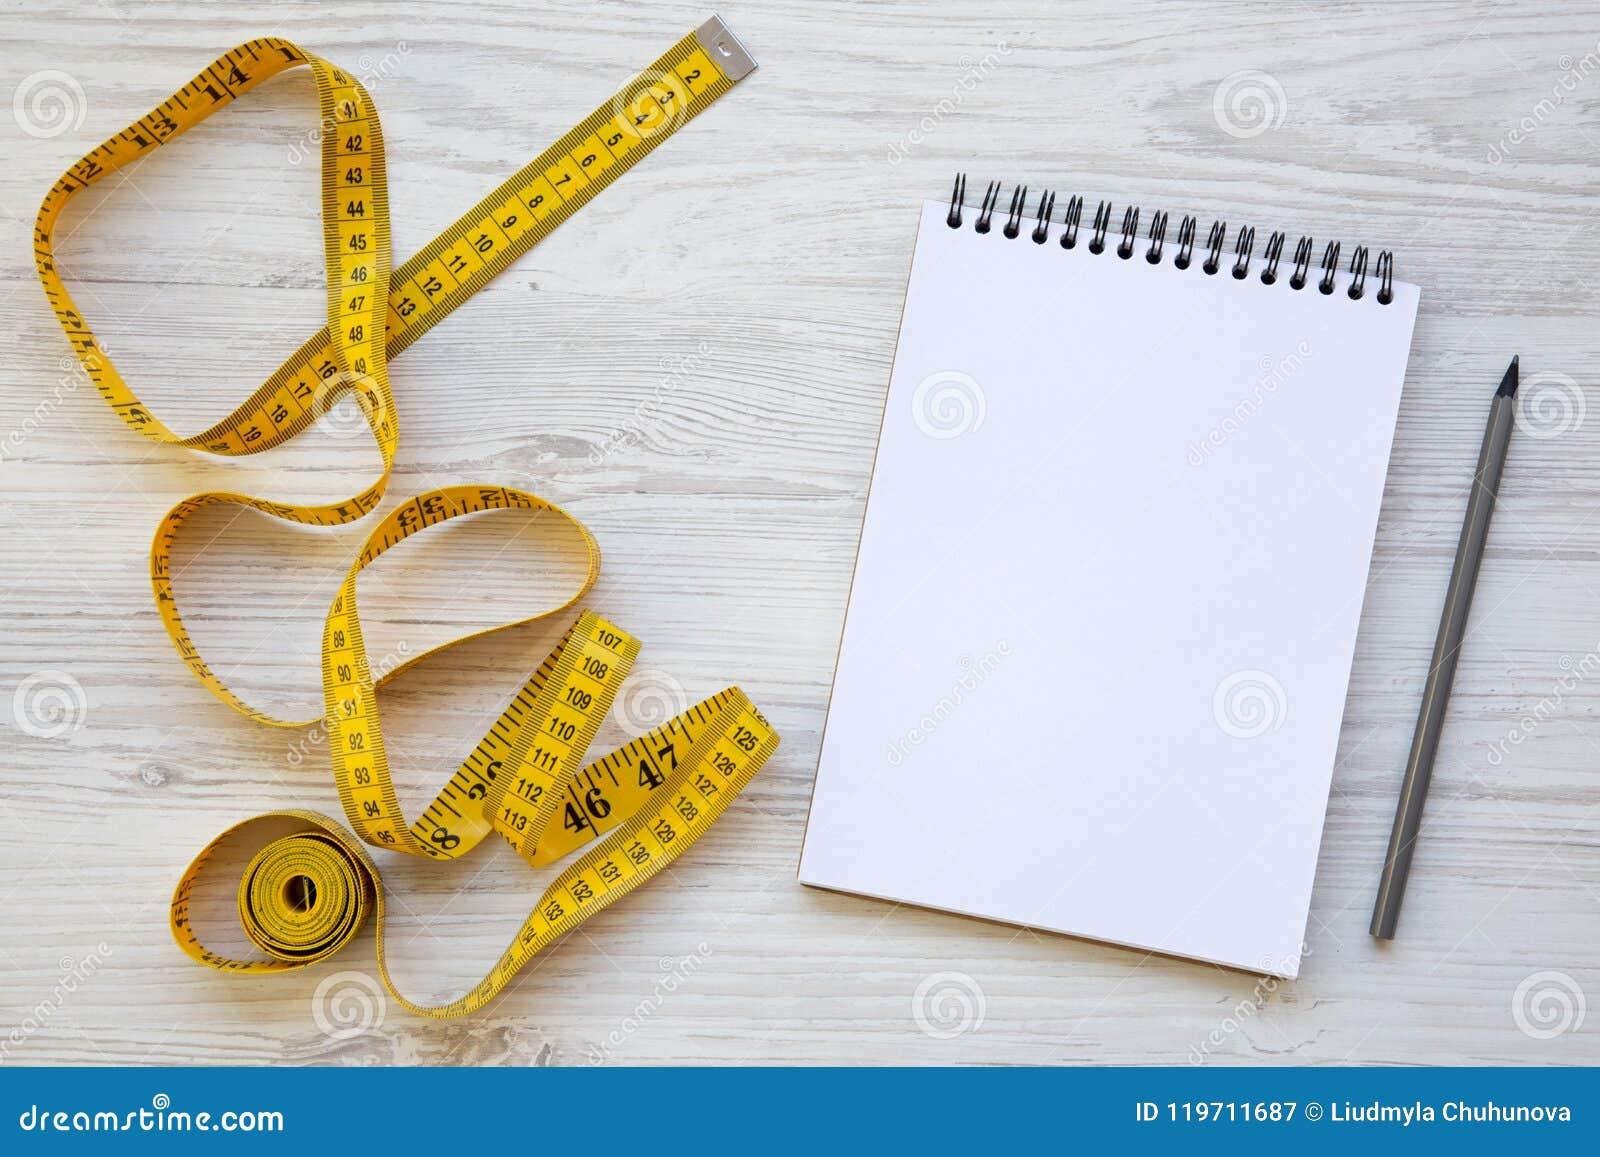 Odgórny widok, żółta pomiarowa taśma z notepad i ołówek na białym drewnianym stole,